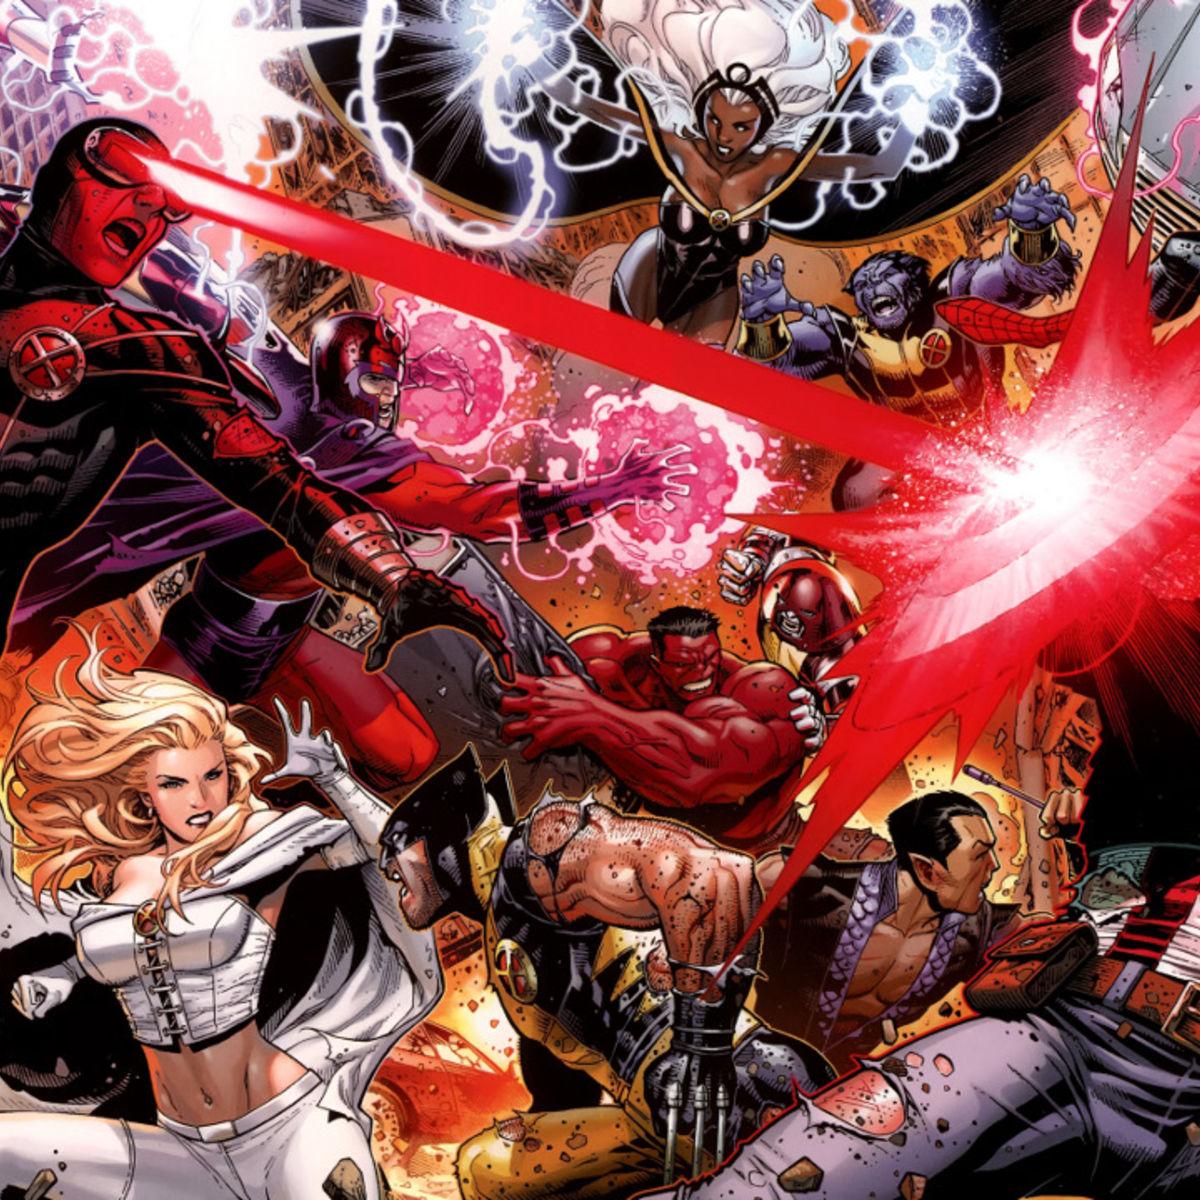 Avengers_vs._X-Men_Vol_1_0_Cheung_Variant.jpg